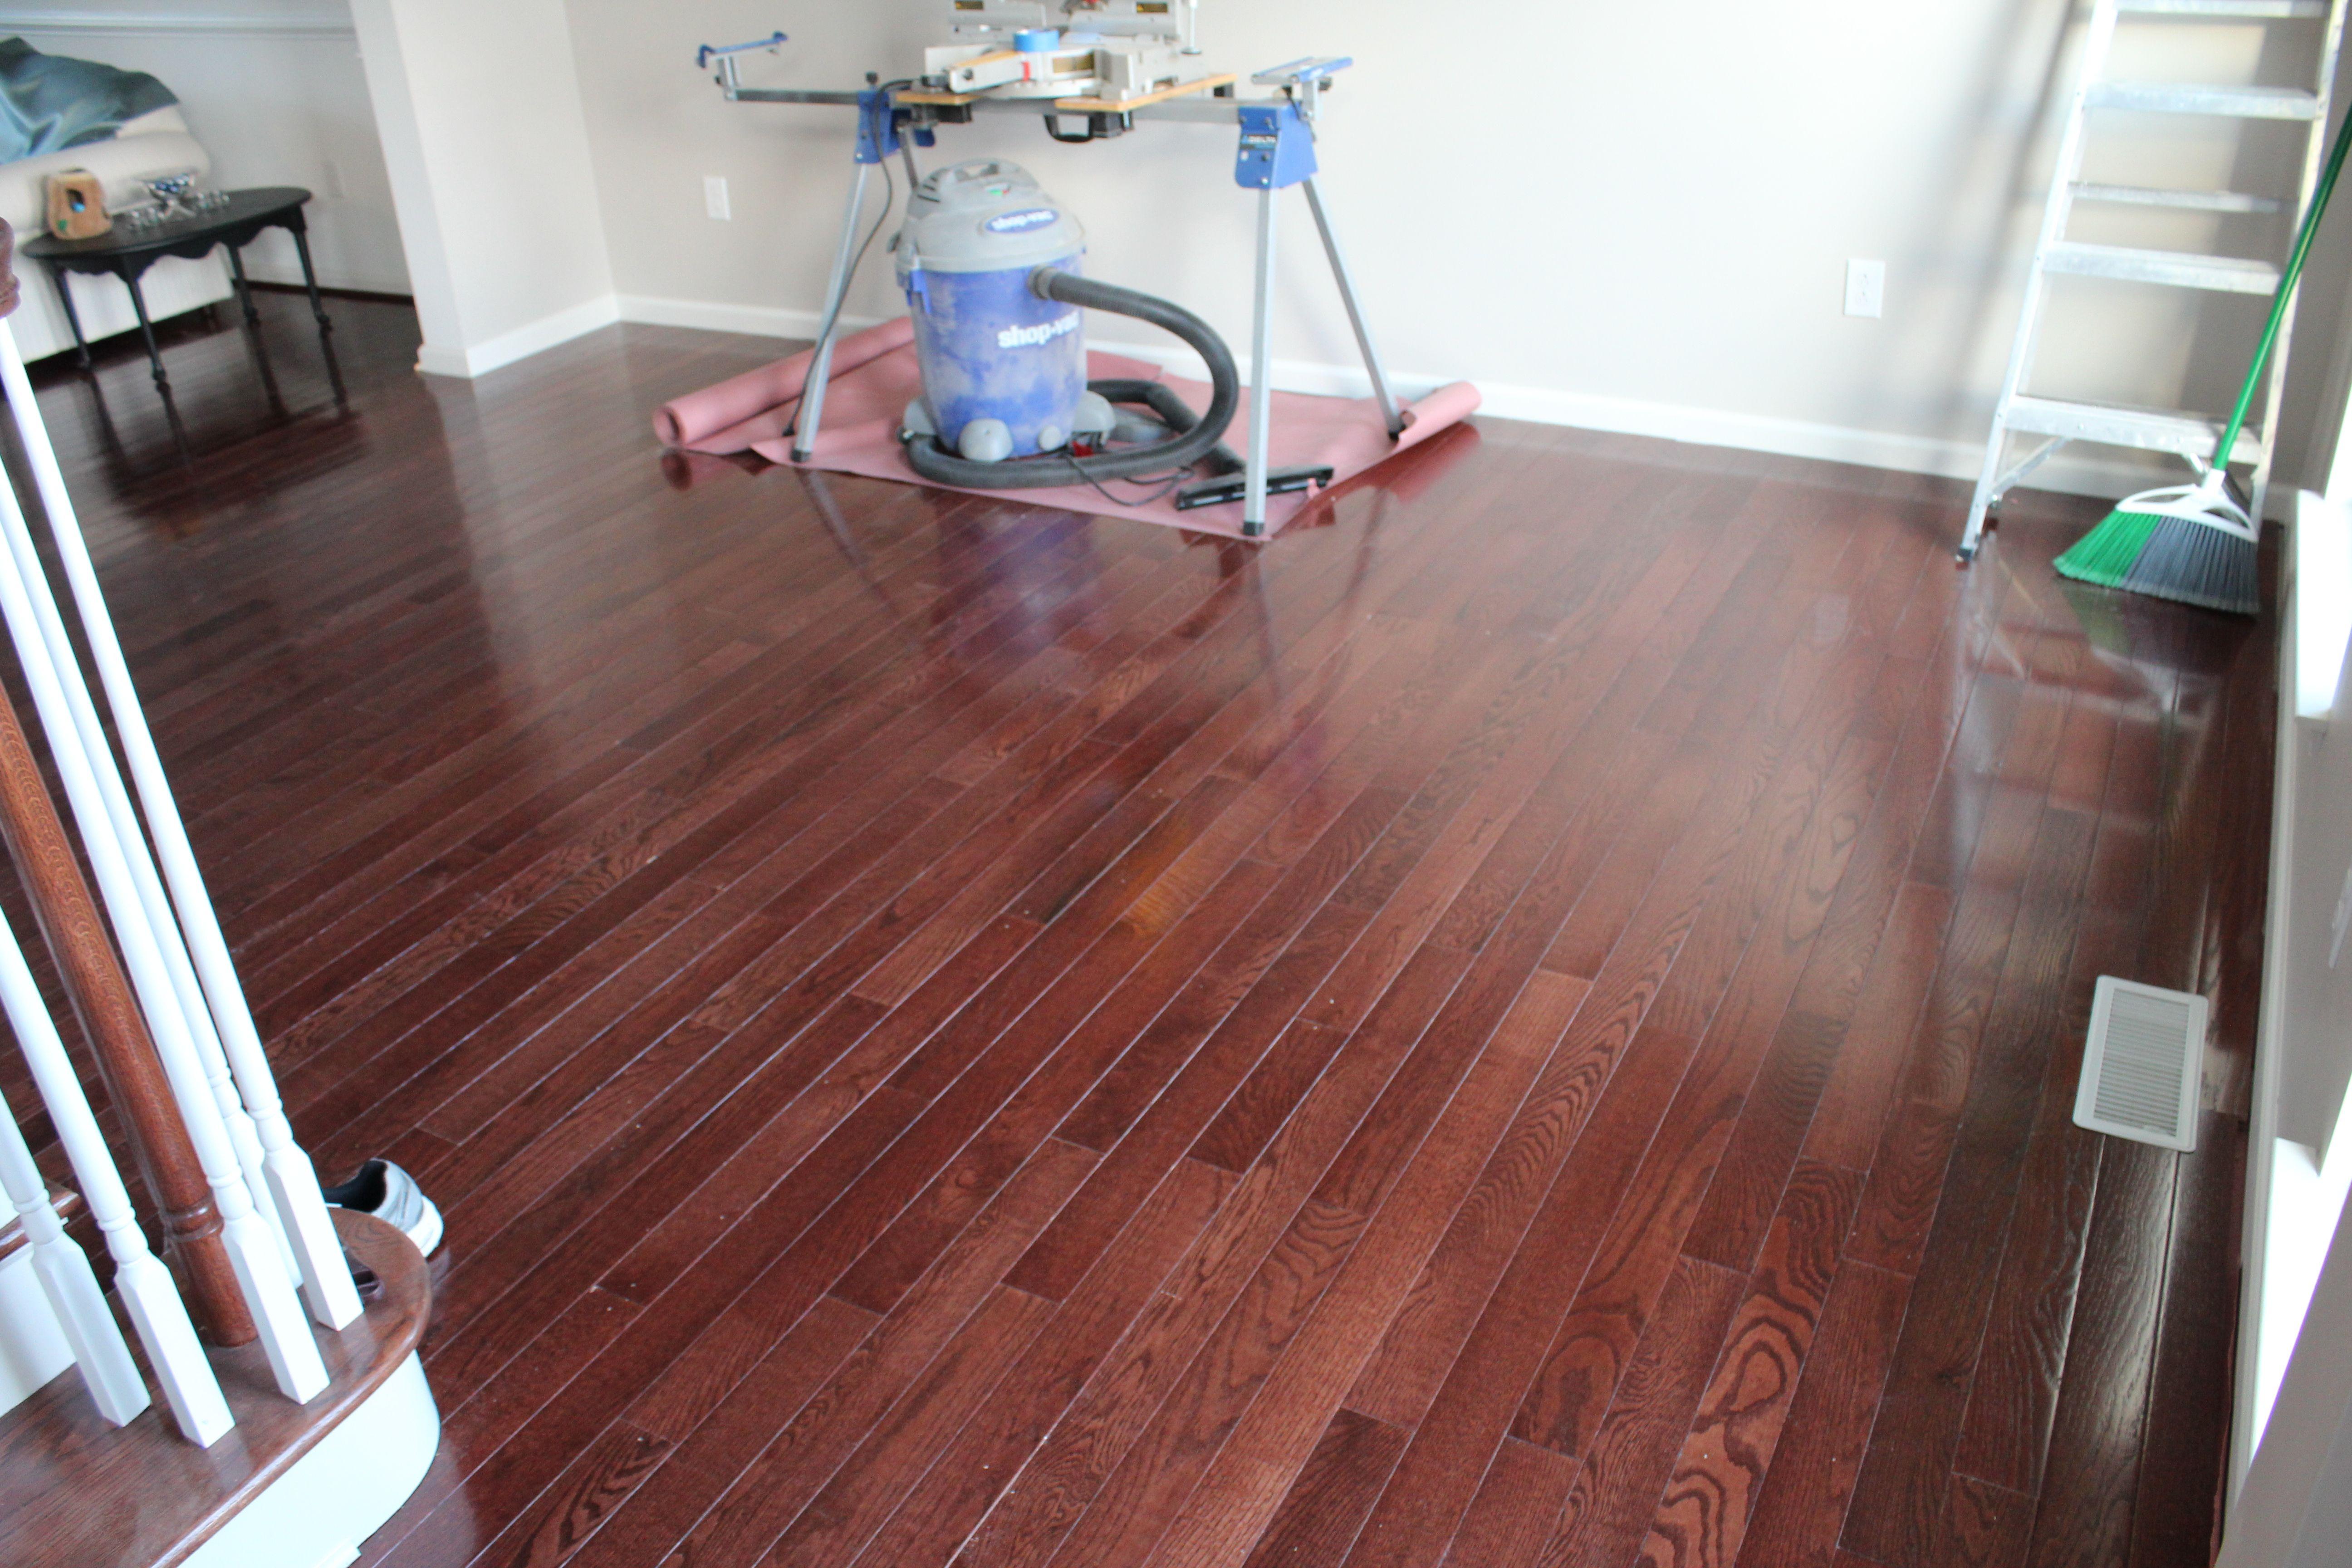 How to Install Hardwood Floors Hardwood floors, Hardwood